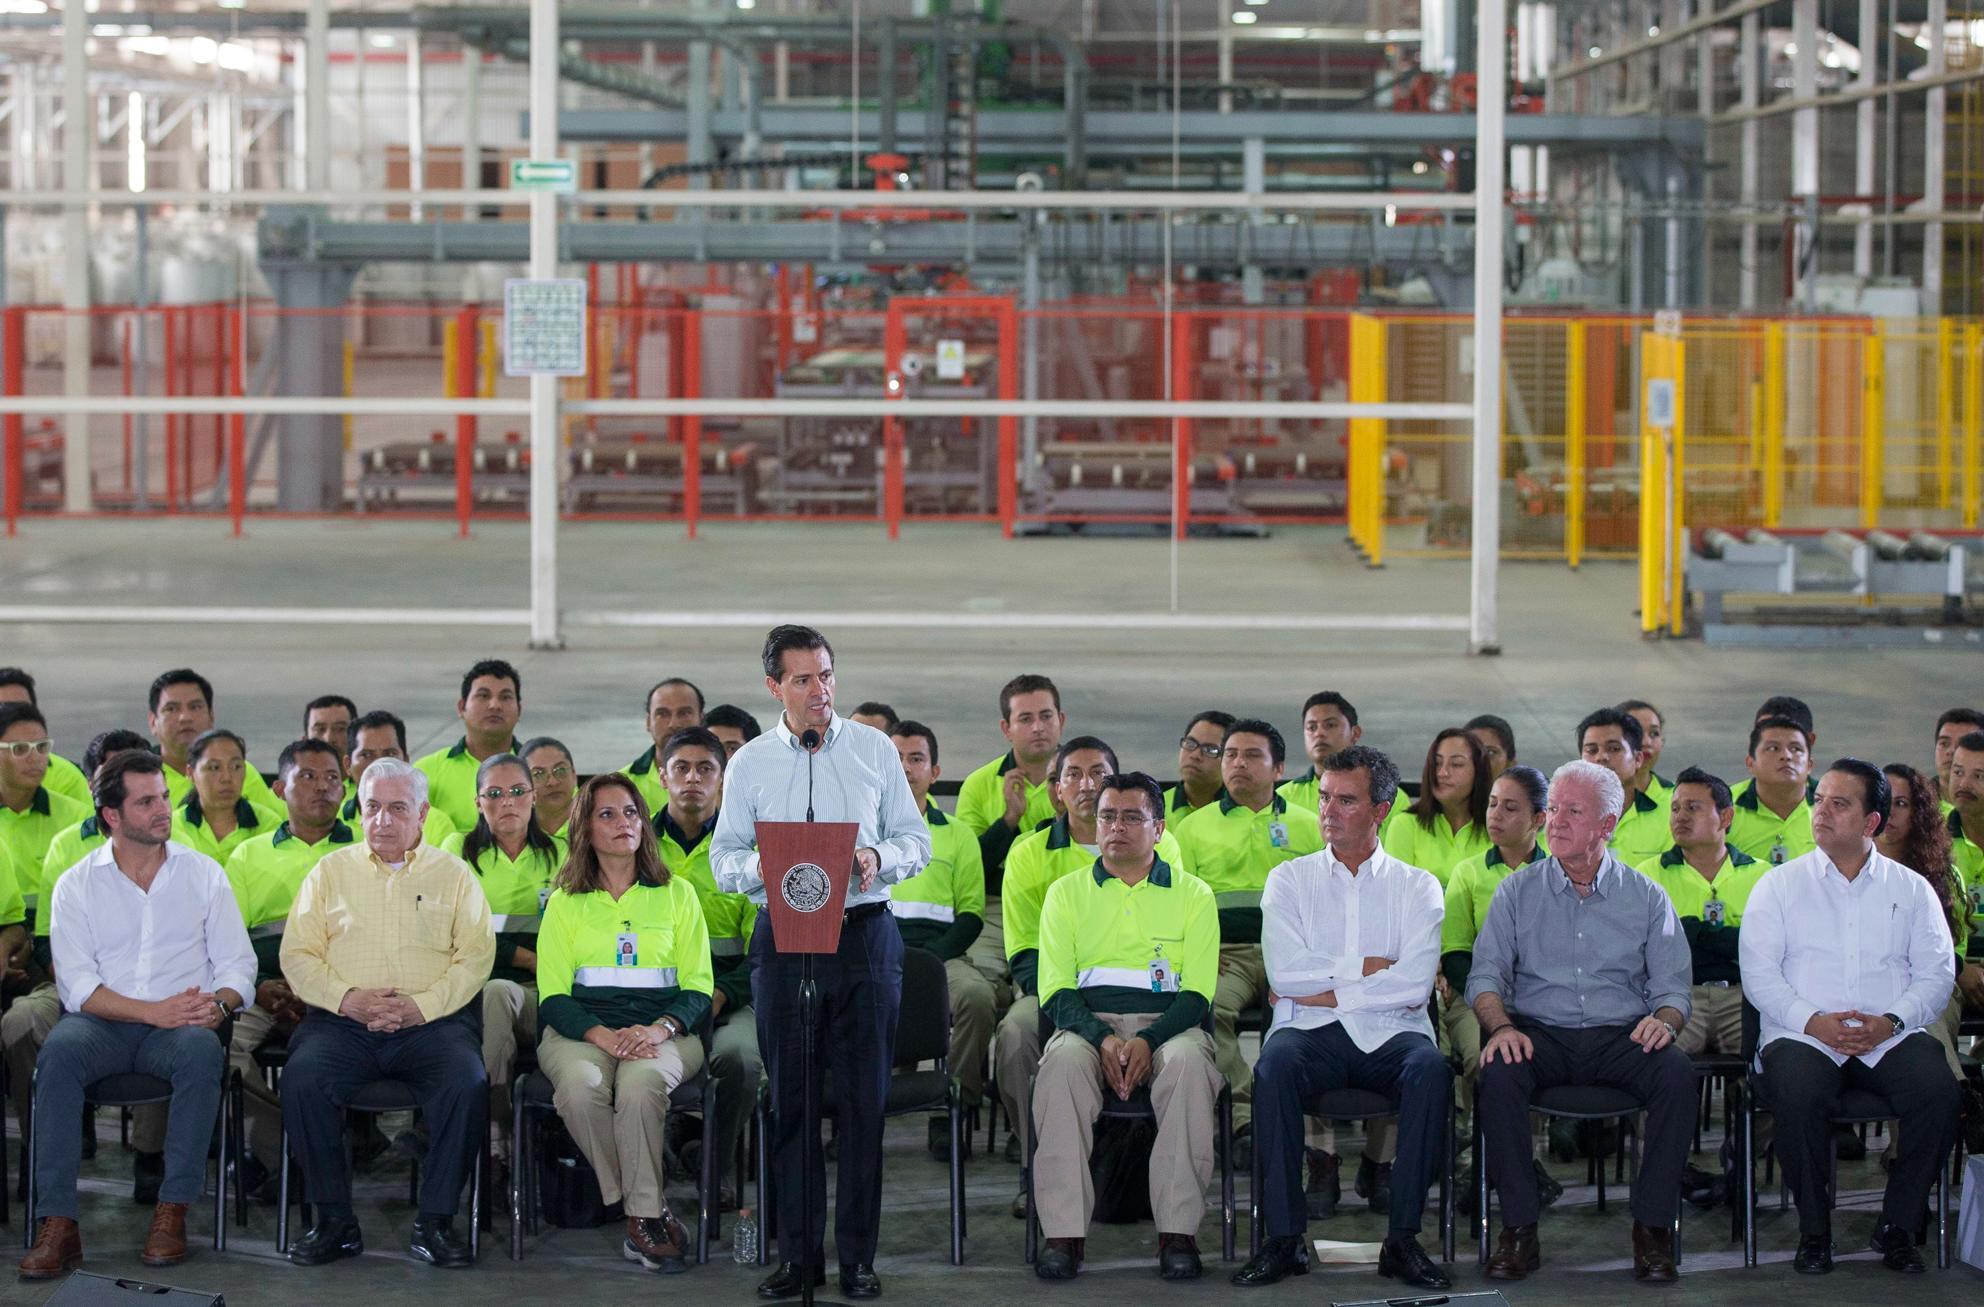 El Primer Mandatario inauguró la Planta de Tableros Tecnotabla de la empresa PROTEAK UNO.